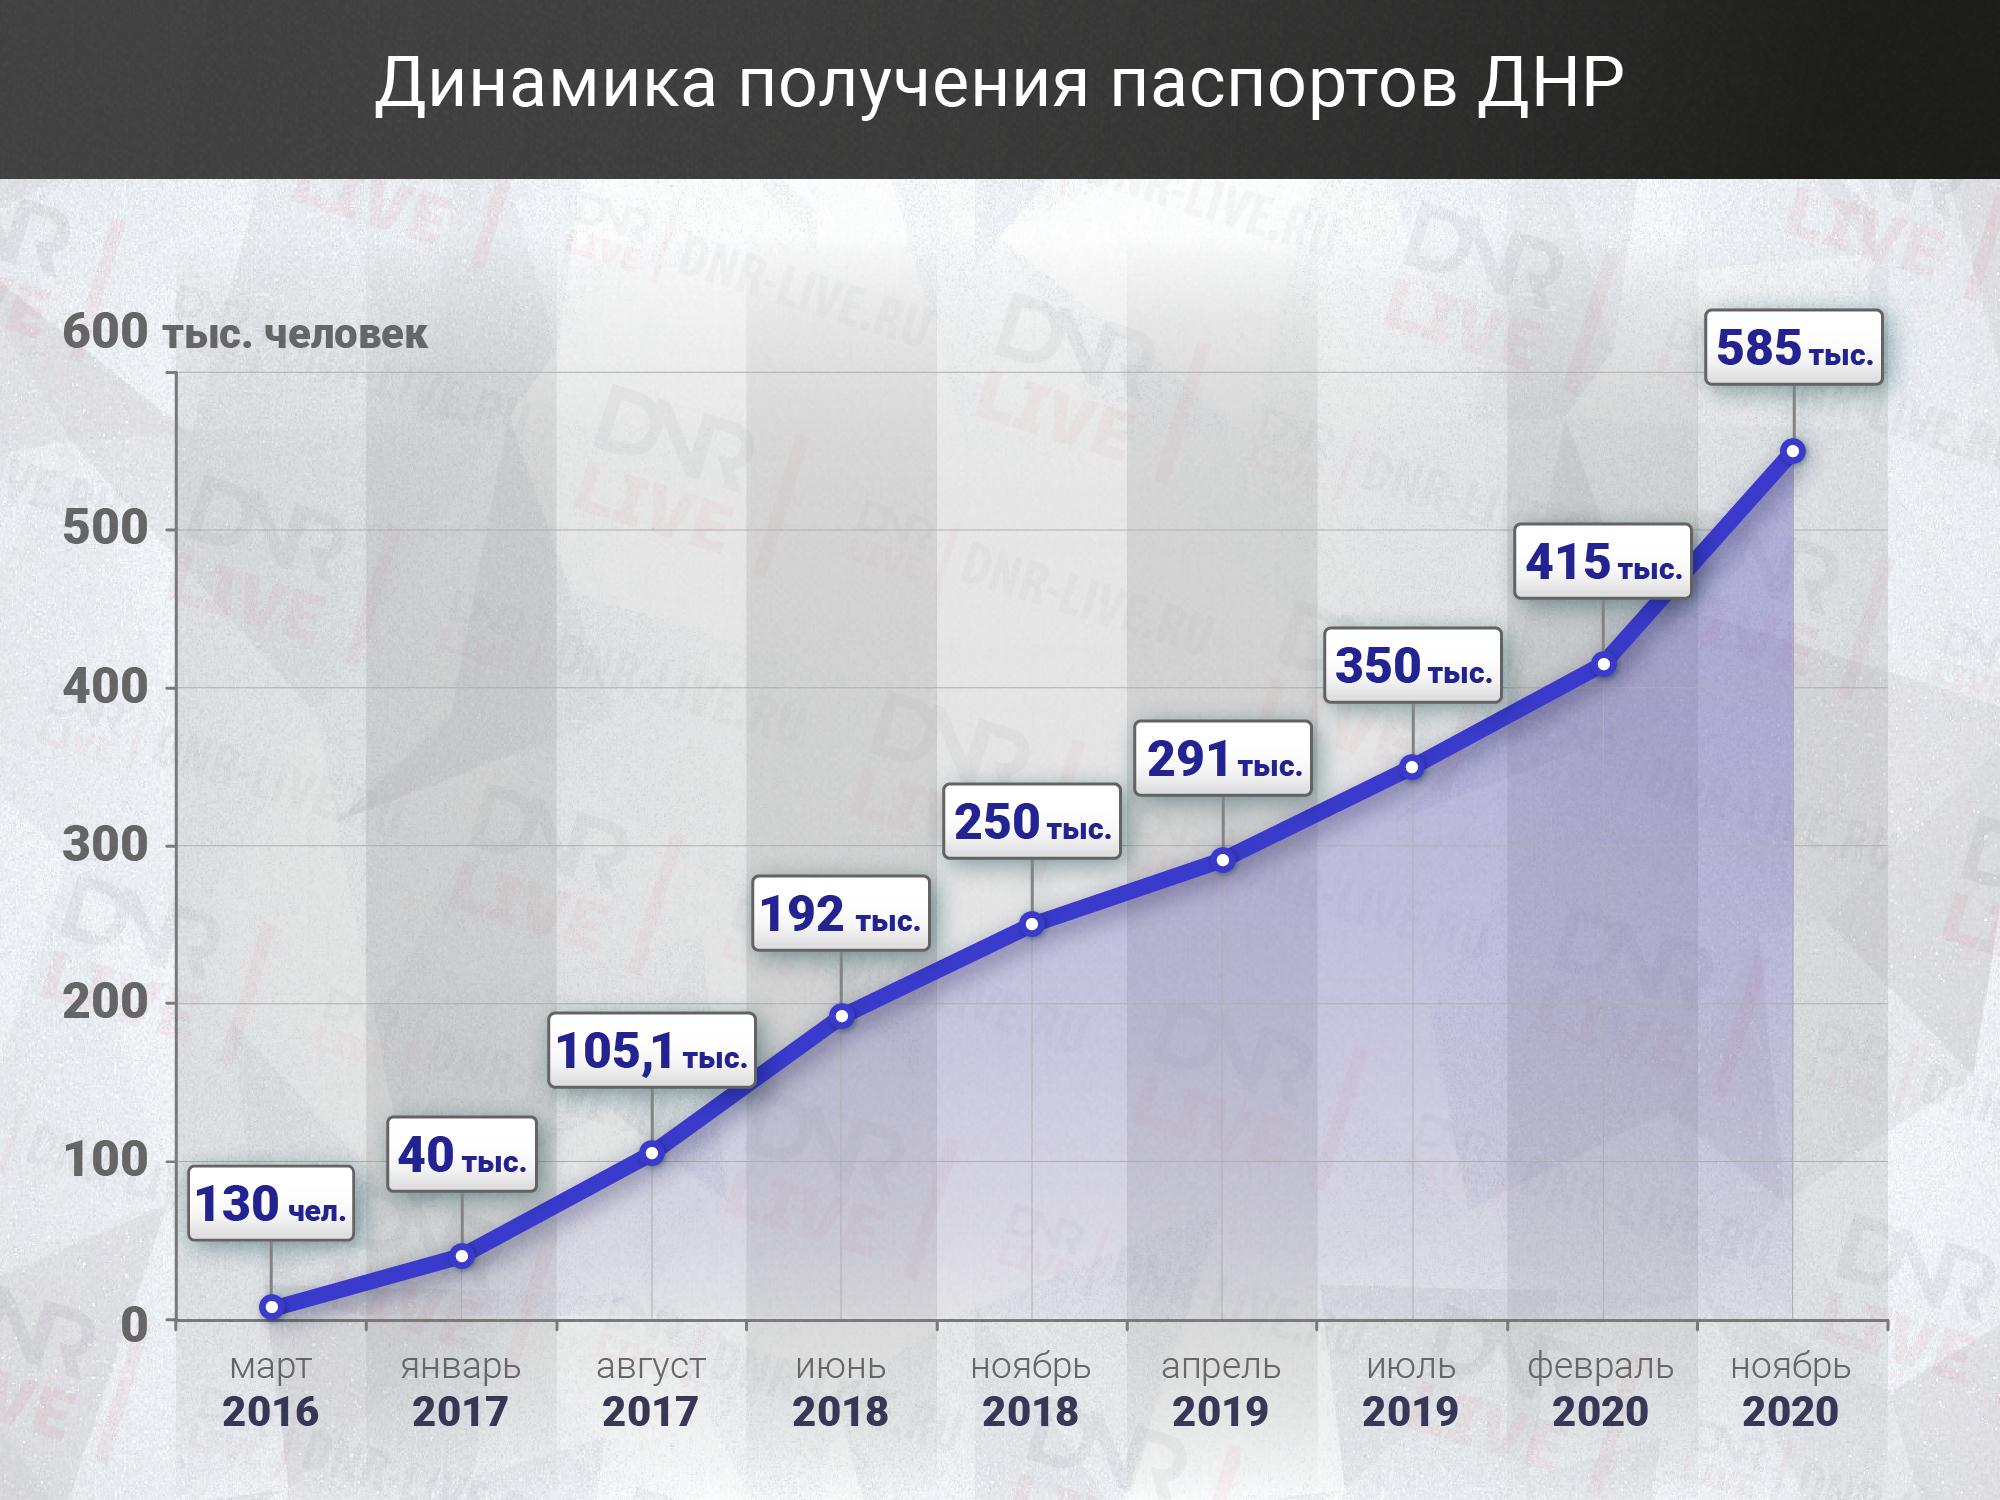 Динамика_получения_паспортов_ДНР (2)